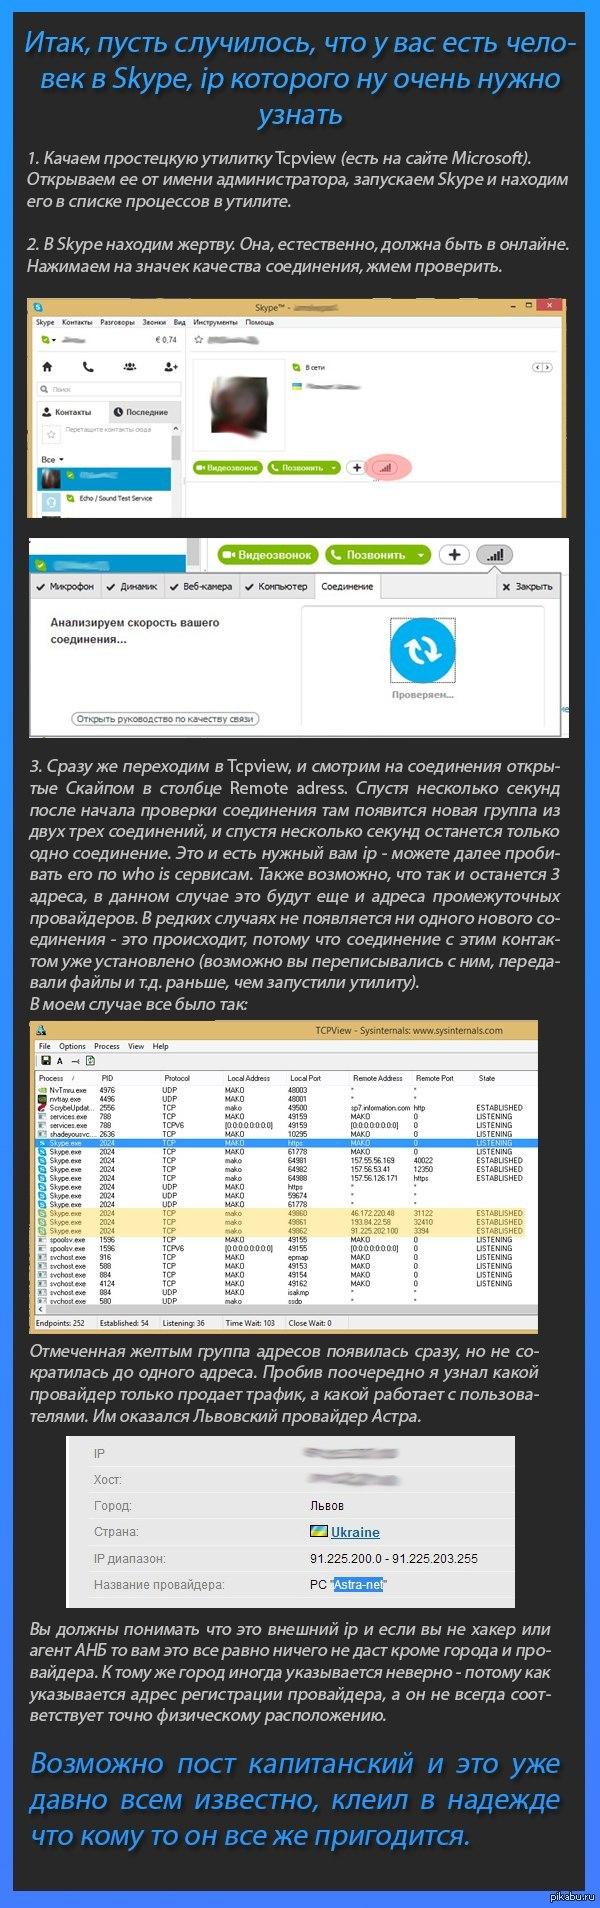 Программу для вычисления ip по скайпу